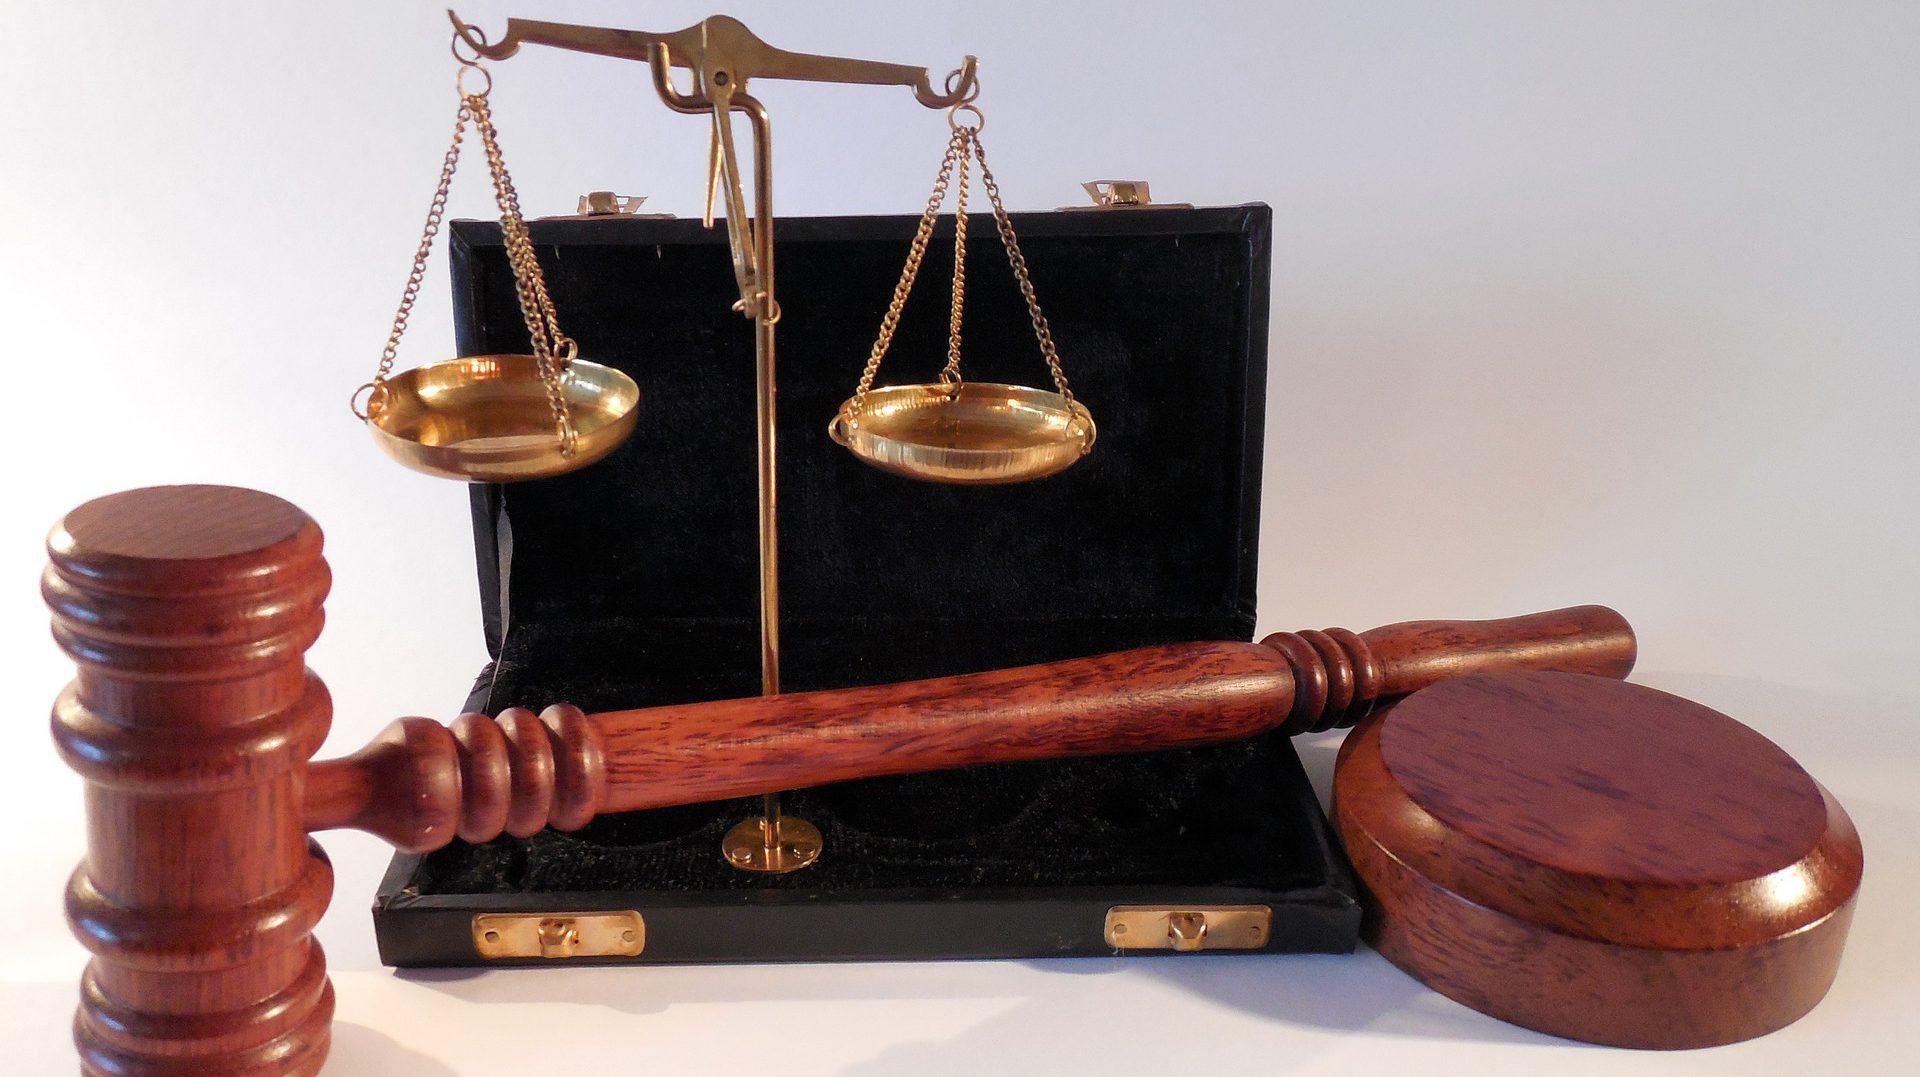 Nieodpłatna pomoc prawna w Krakowie – porozumienie na kolejny rok